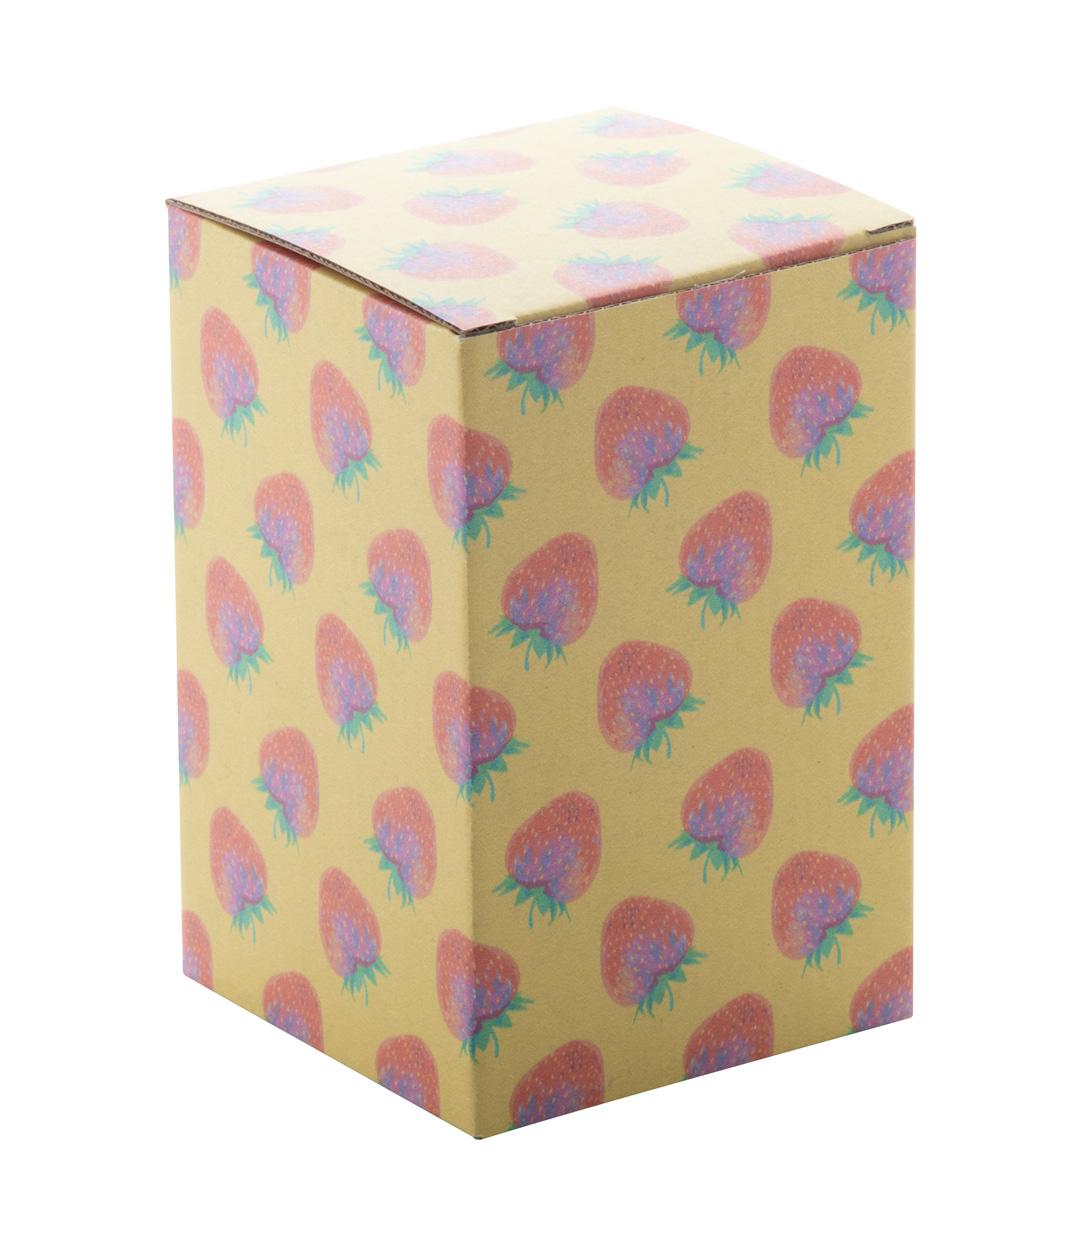 CreaBox Mug S custom box